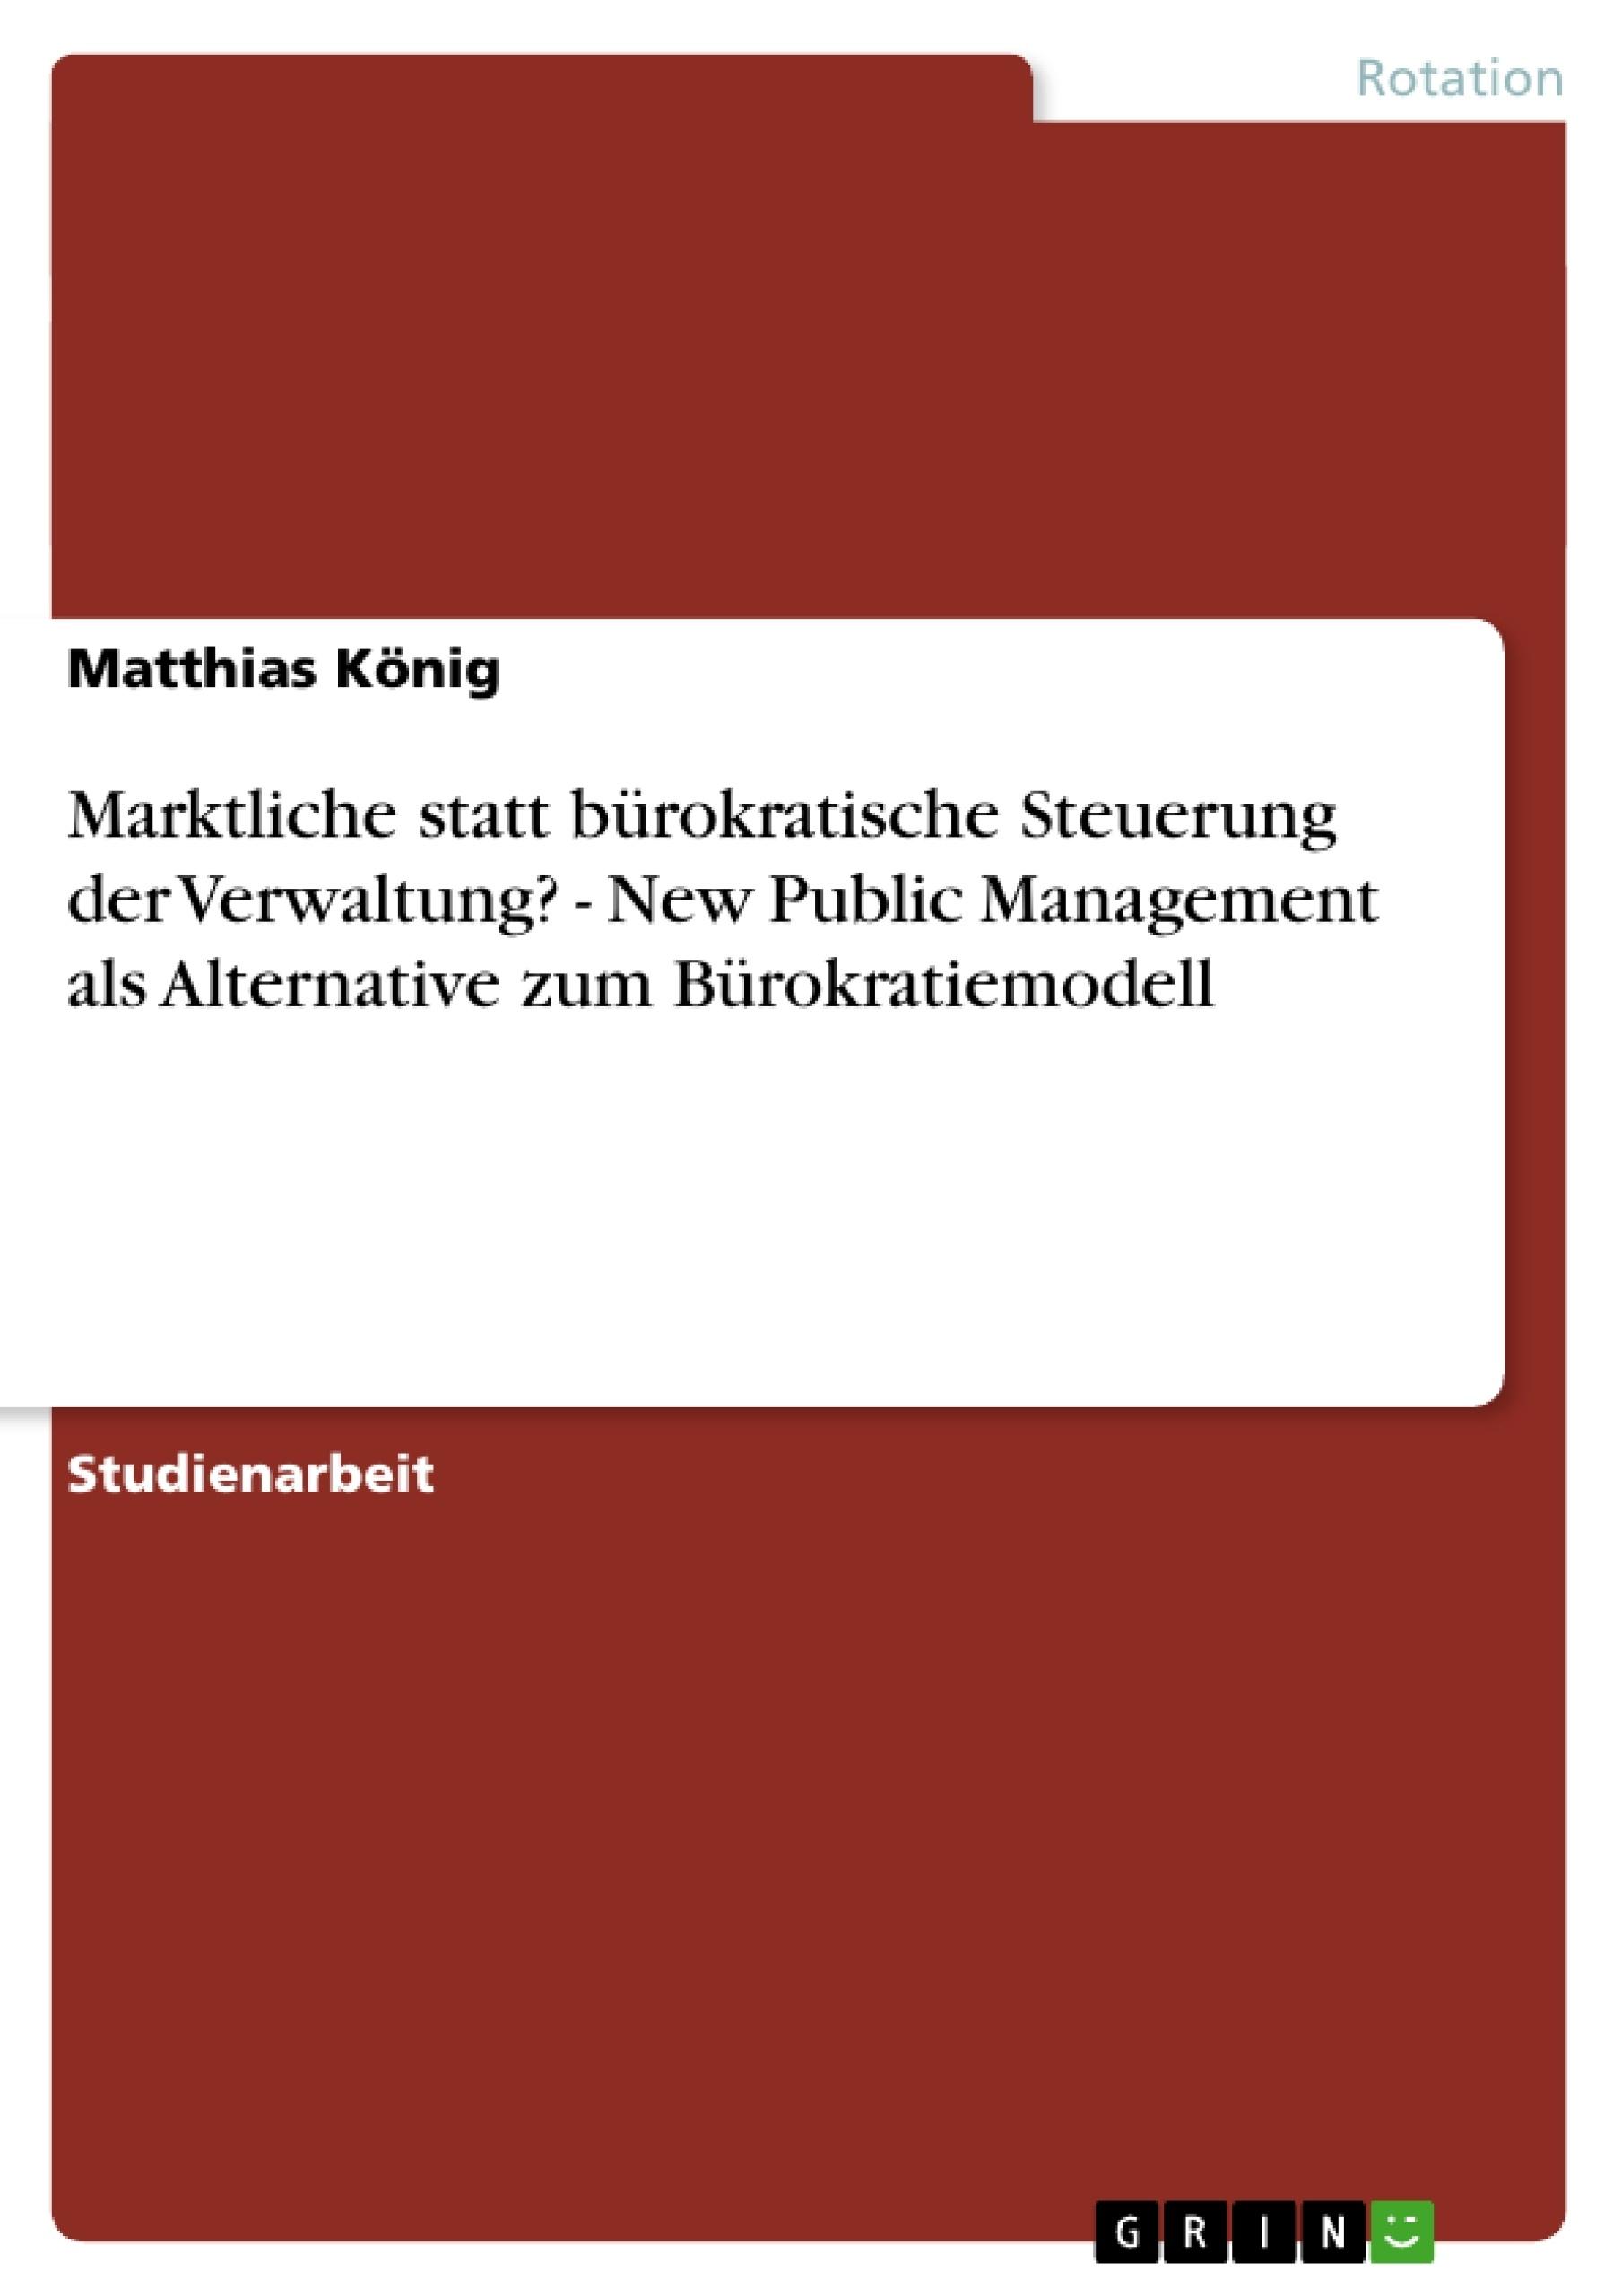 Titel: Marktliche statt bürokratische Steuerung der Verwaltung? -  New Public Management als Alternative zum Bürokratiemodell